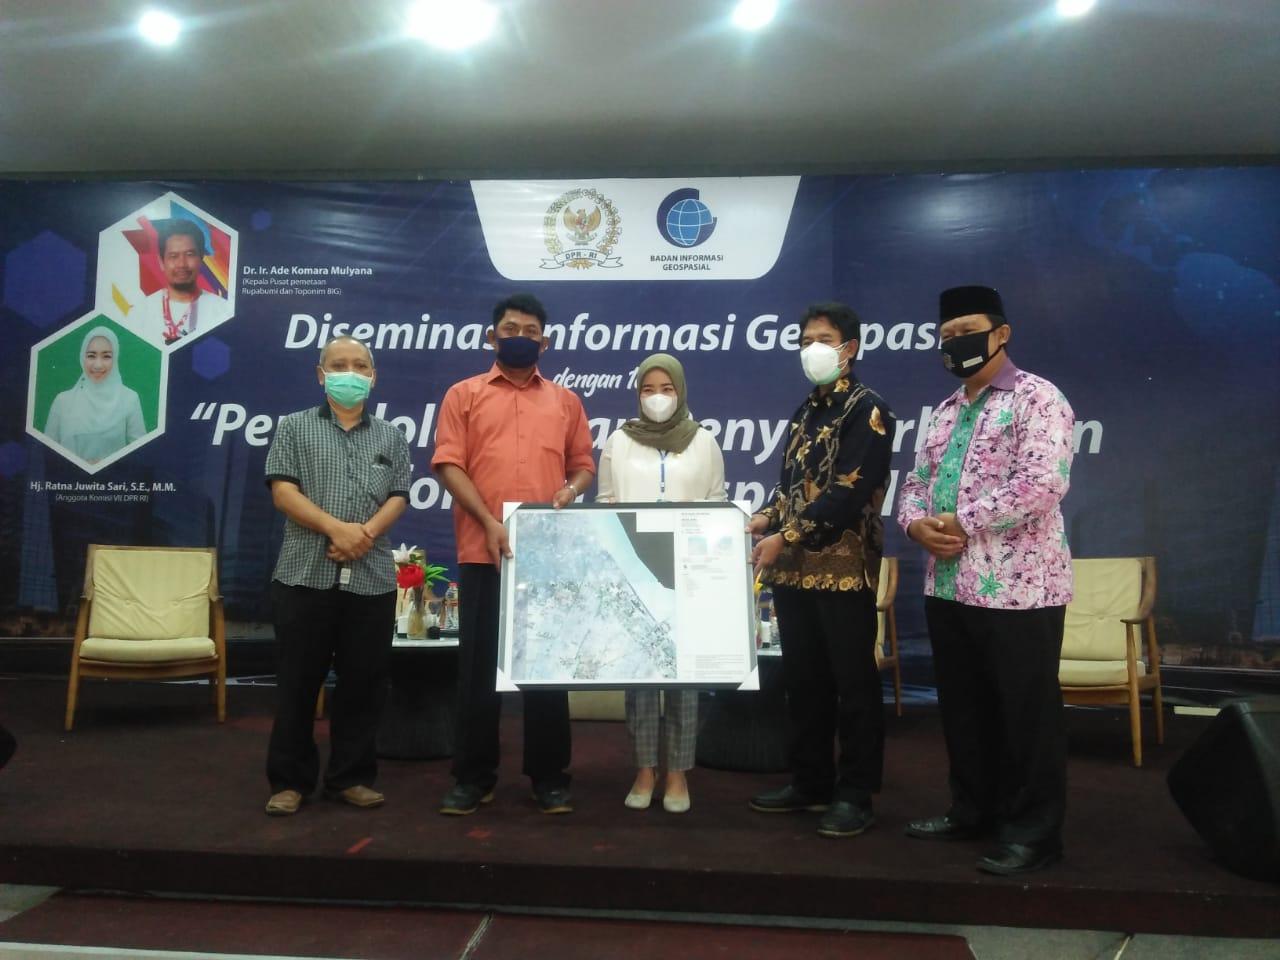 BIG bagikan peta desa untuk antisipasi konflik wilayah di Tuban